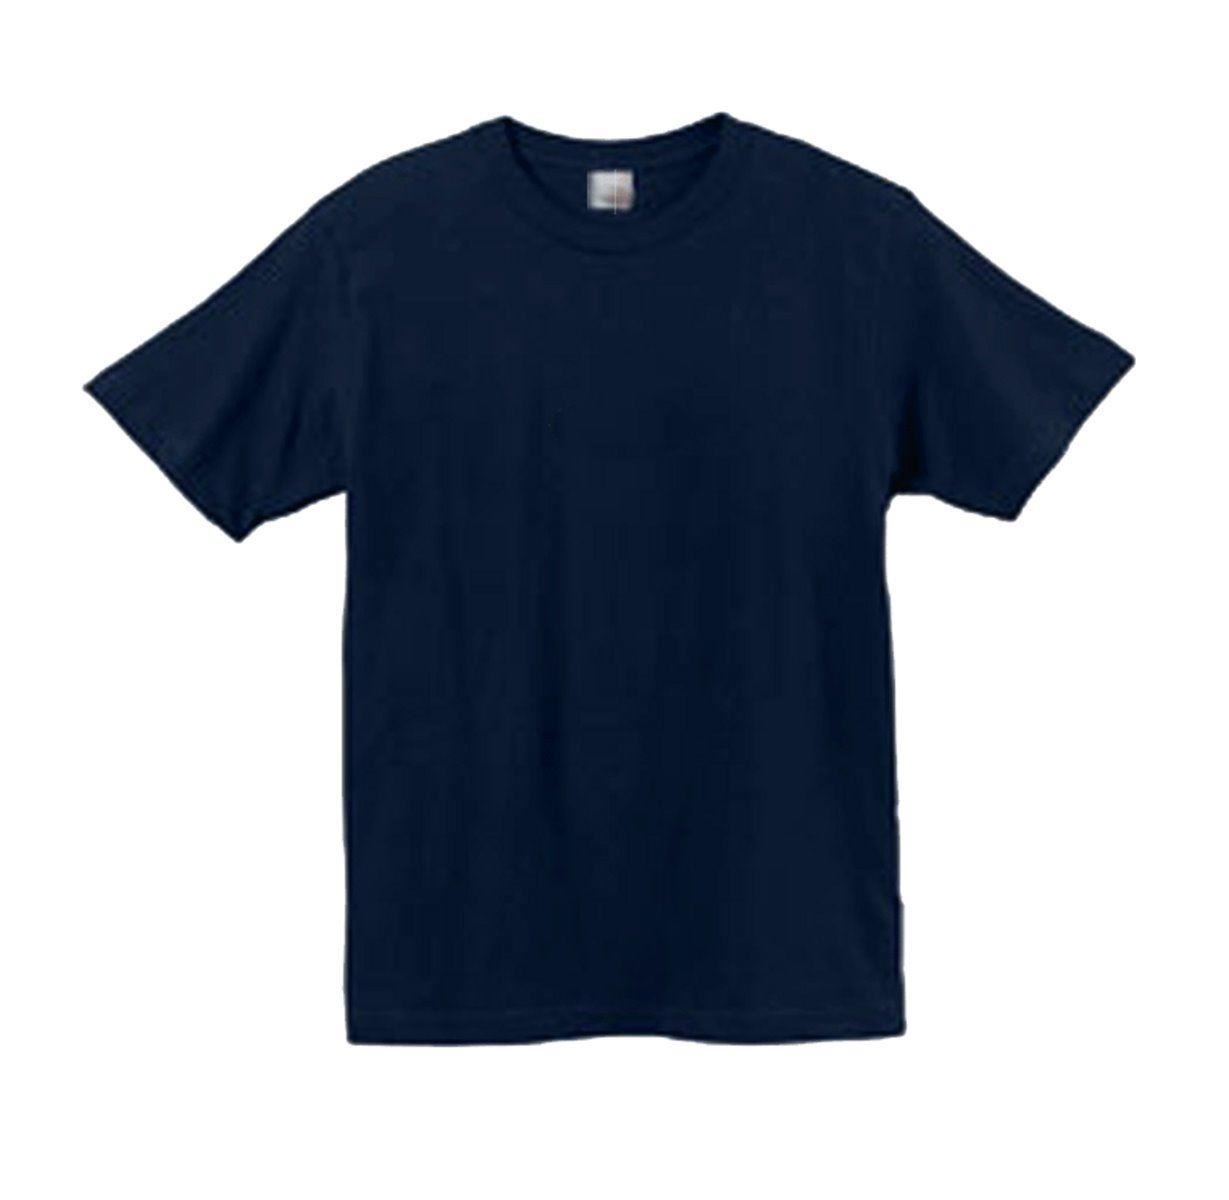 Big mens king size t shirt t shirt tee navy cotton 2xl 3xl for Mens t shirts 4xl